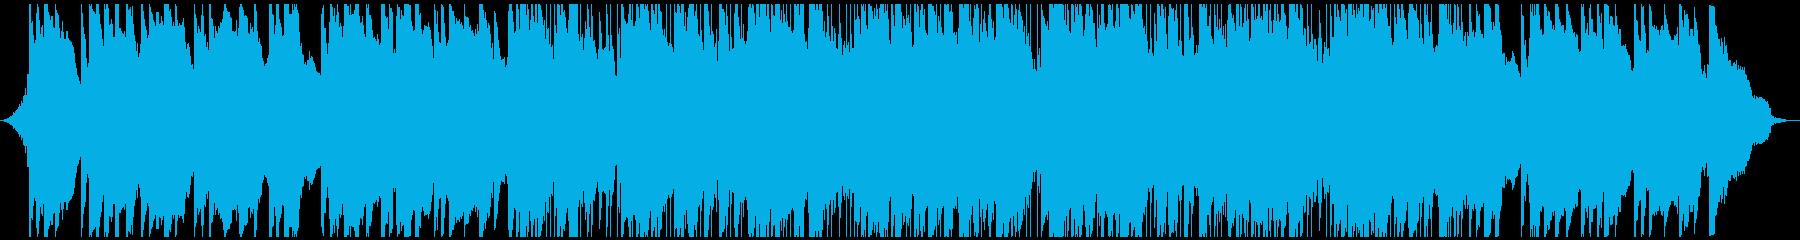 バラード 感情的 低音 アコーステ...の再生済みの波形